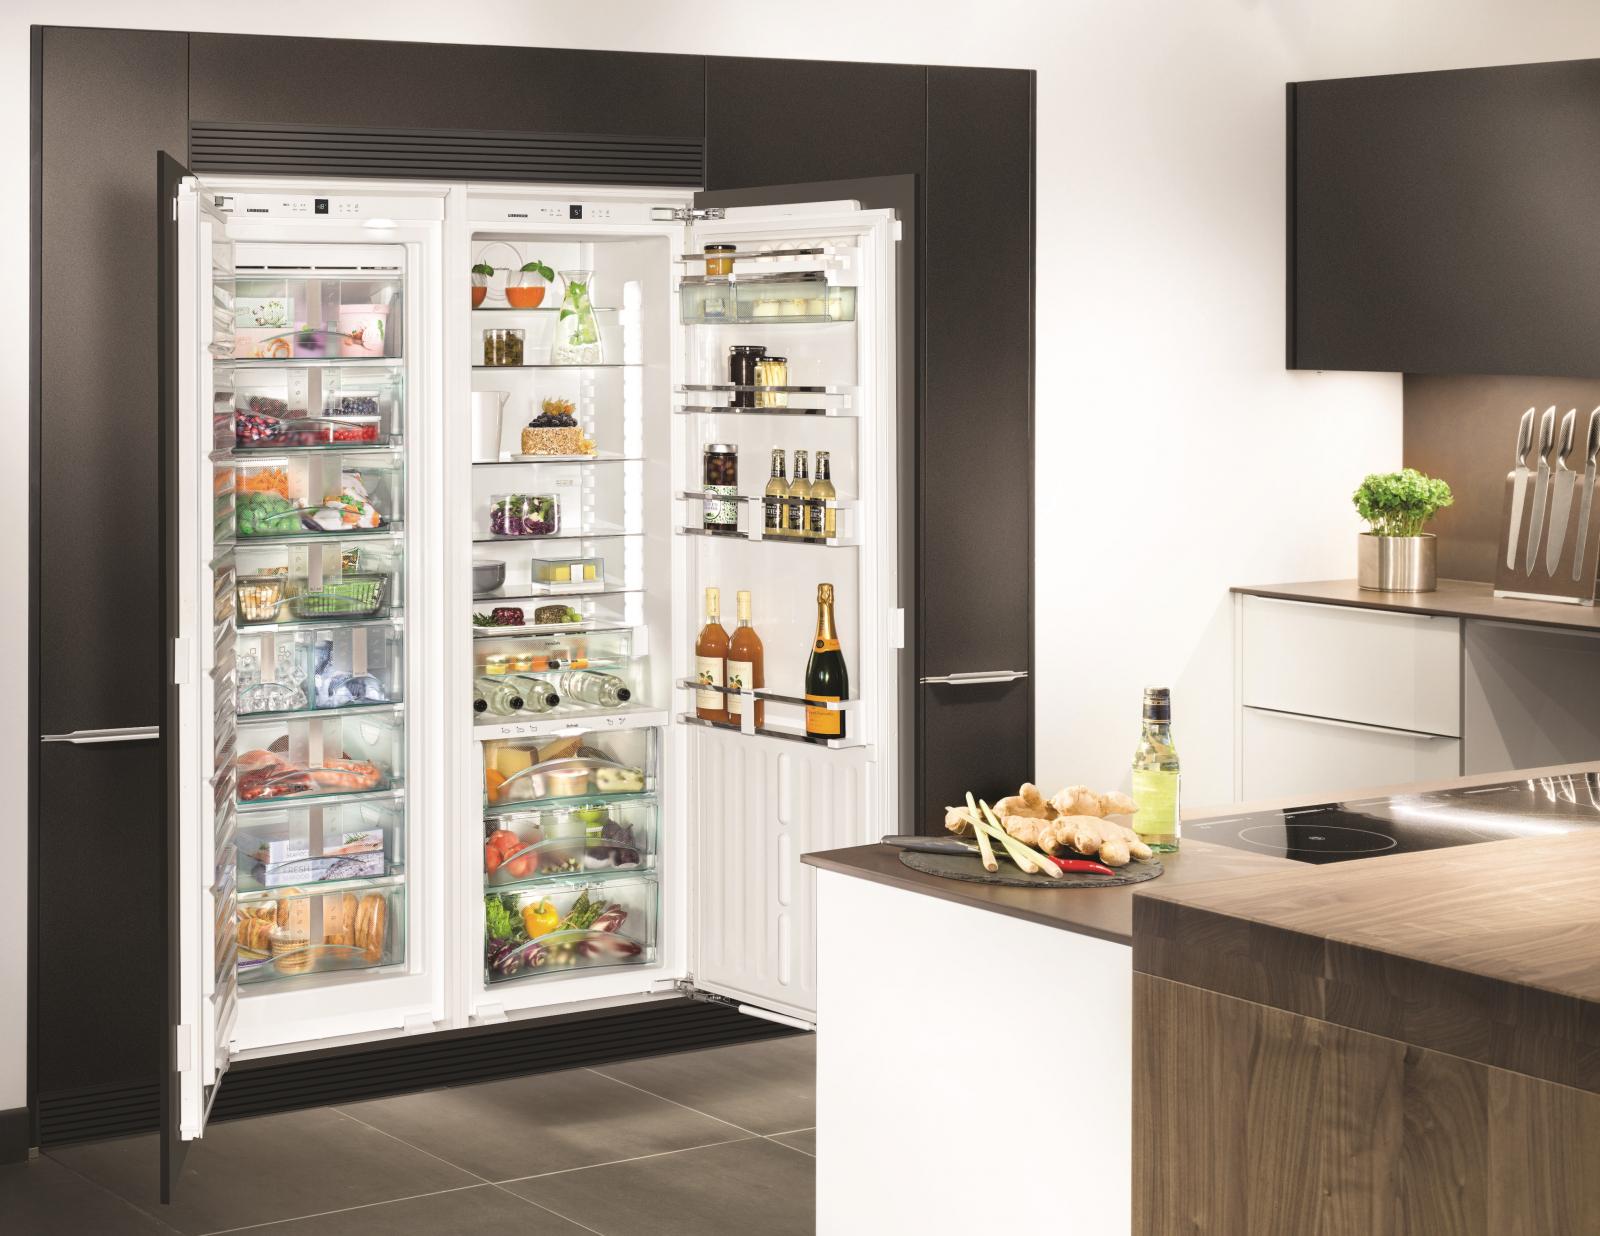 купить Встраиваемый холодильник Side by Side Liebherr SBS 70I4 21 Украина фото 4